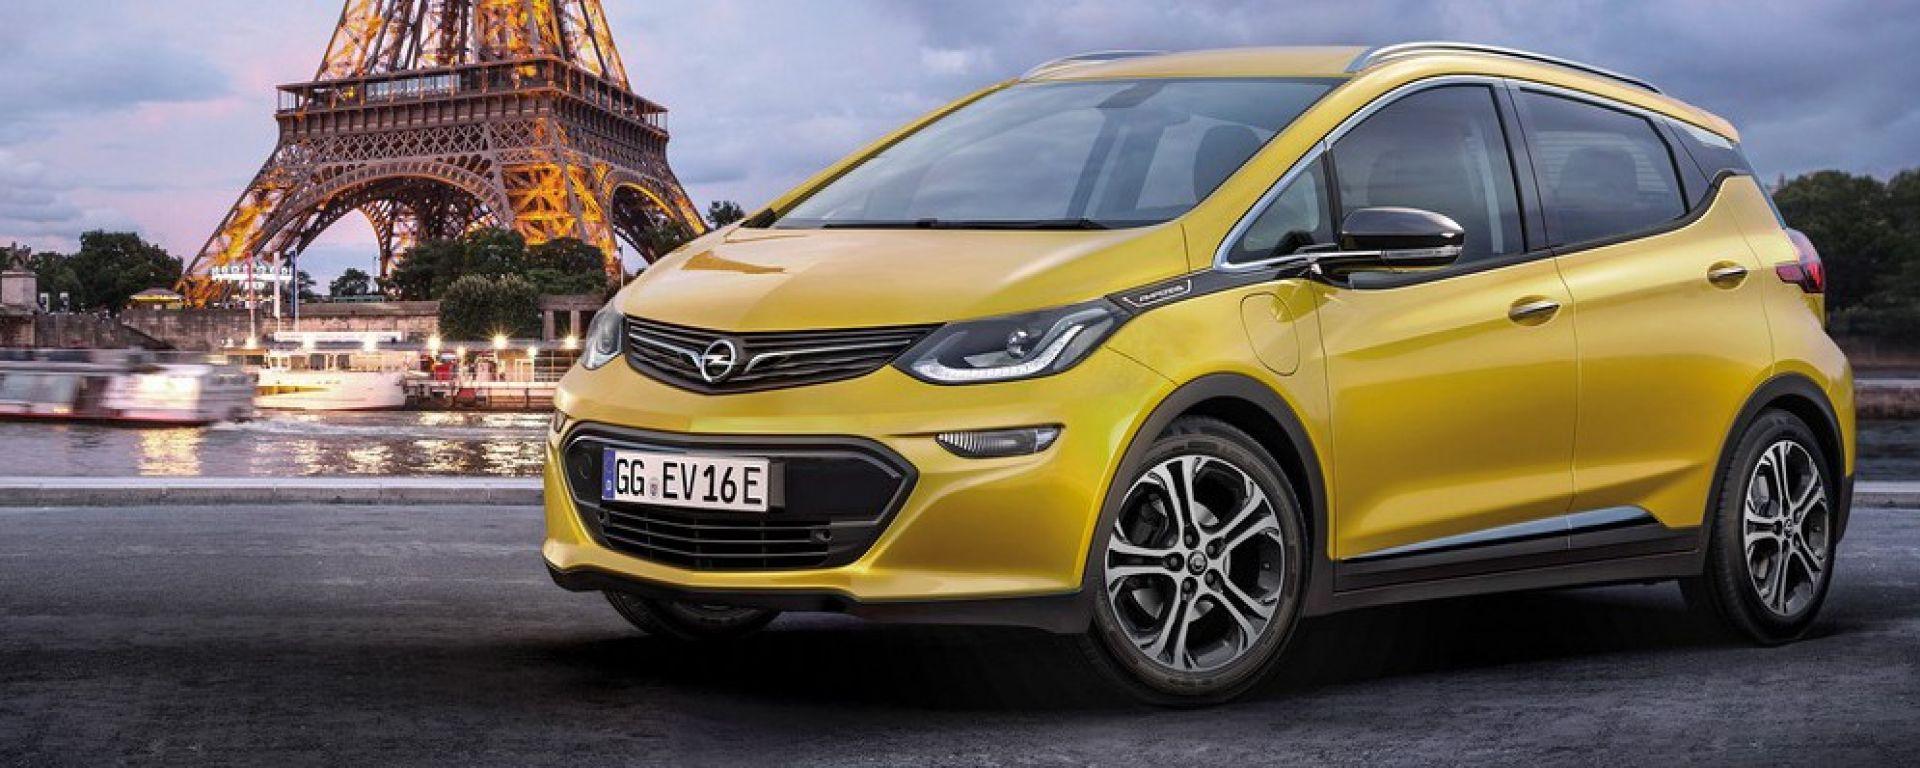 Opel Ampera-e: al Salone di Parigi debutta la piccola elettrica di Opel